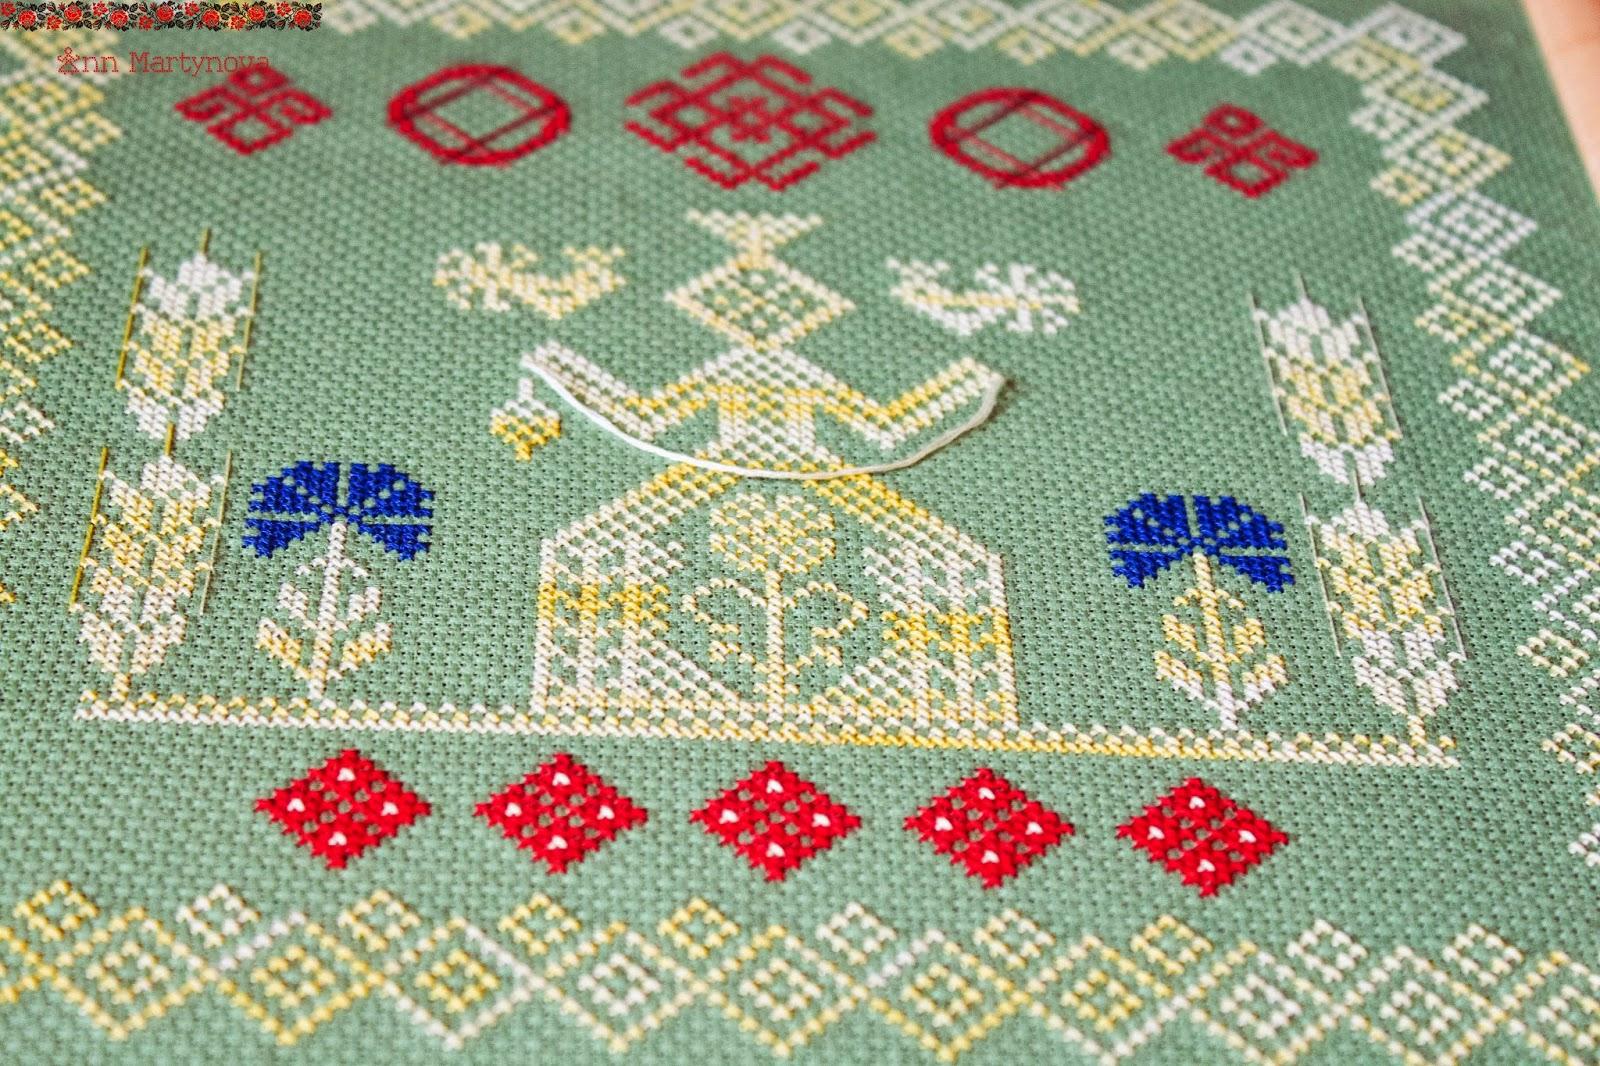 Символы и приметы в вышивке крестом - Мегавышивка 60